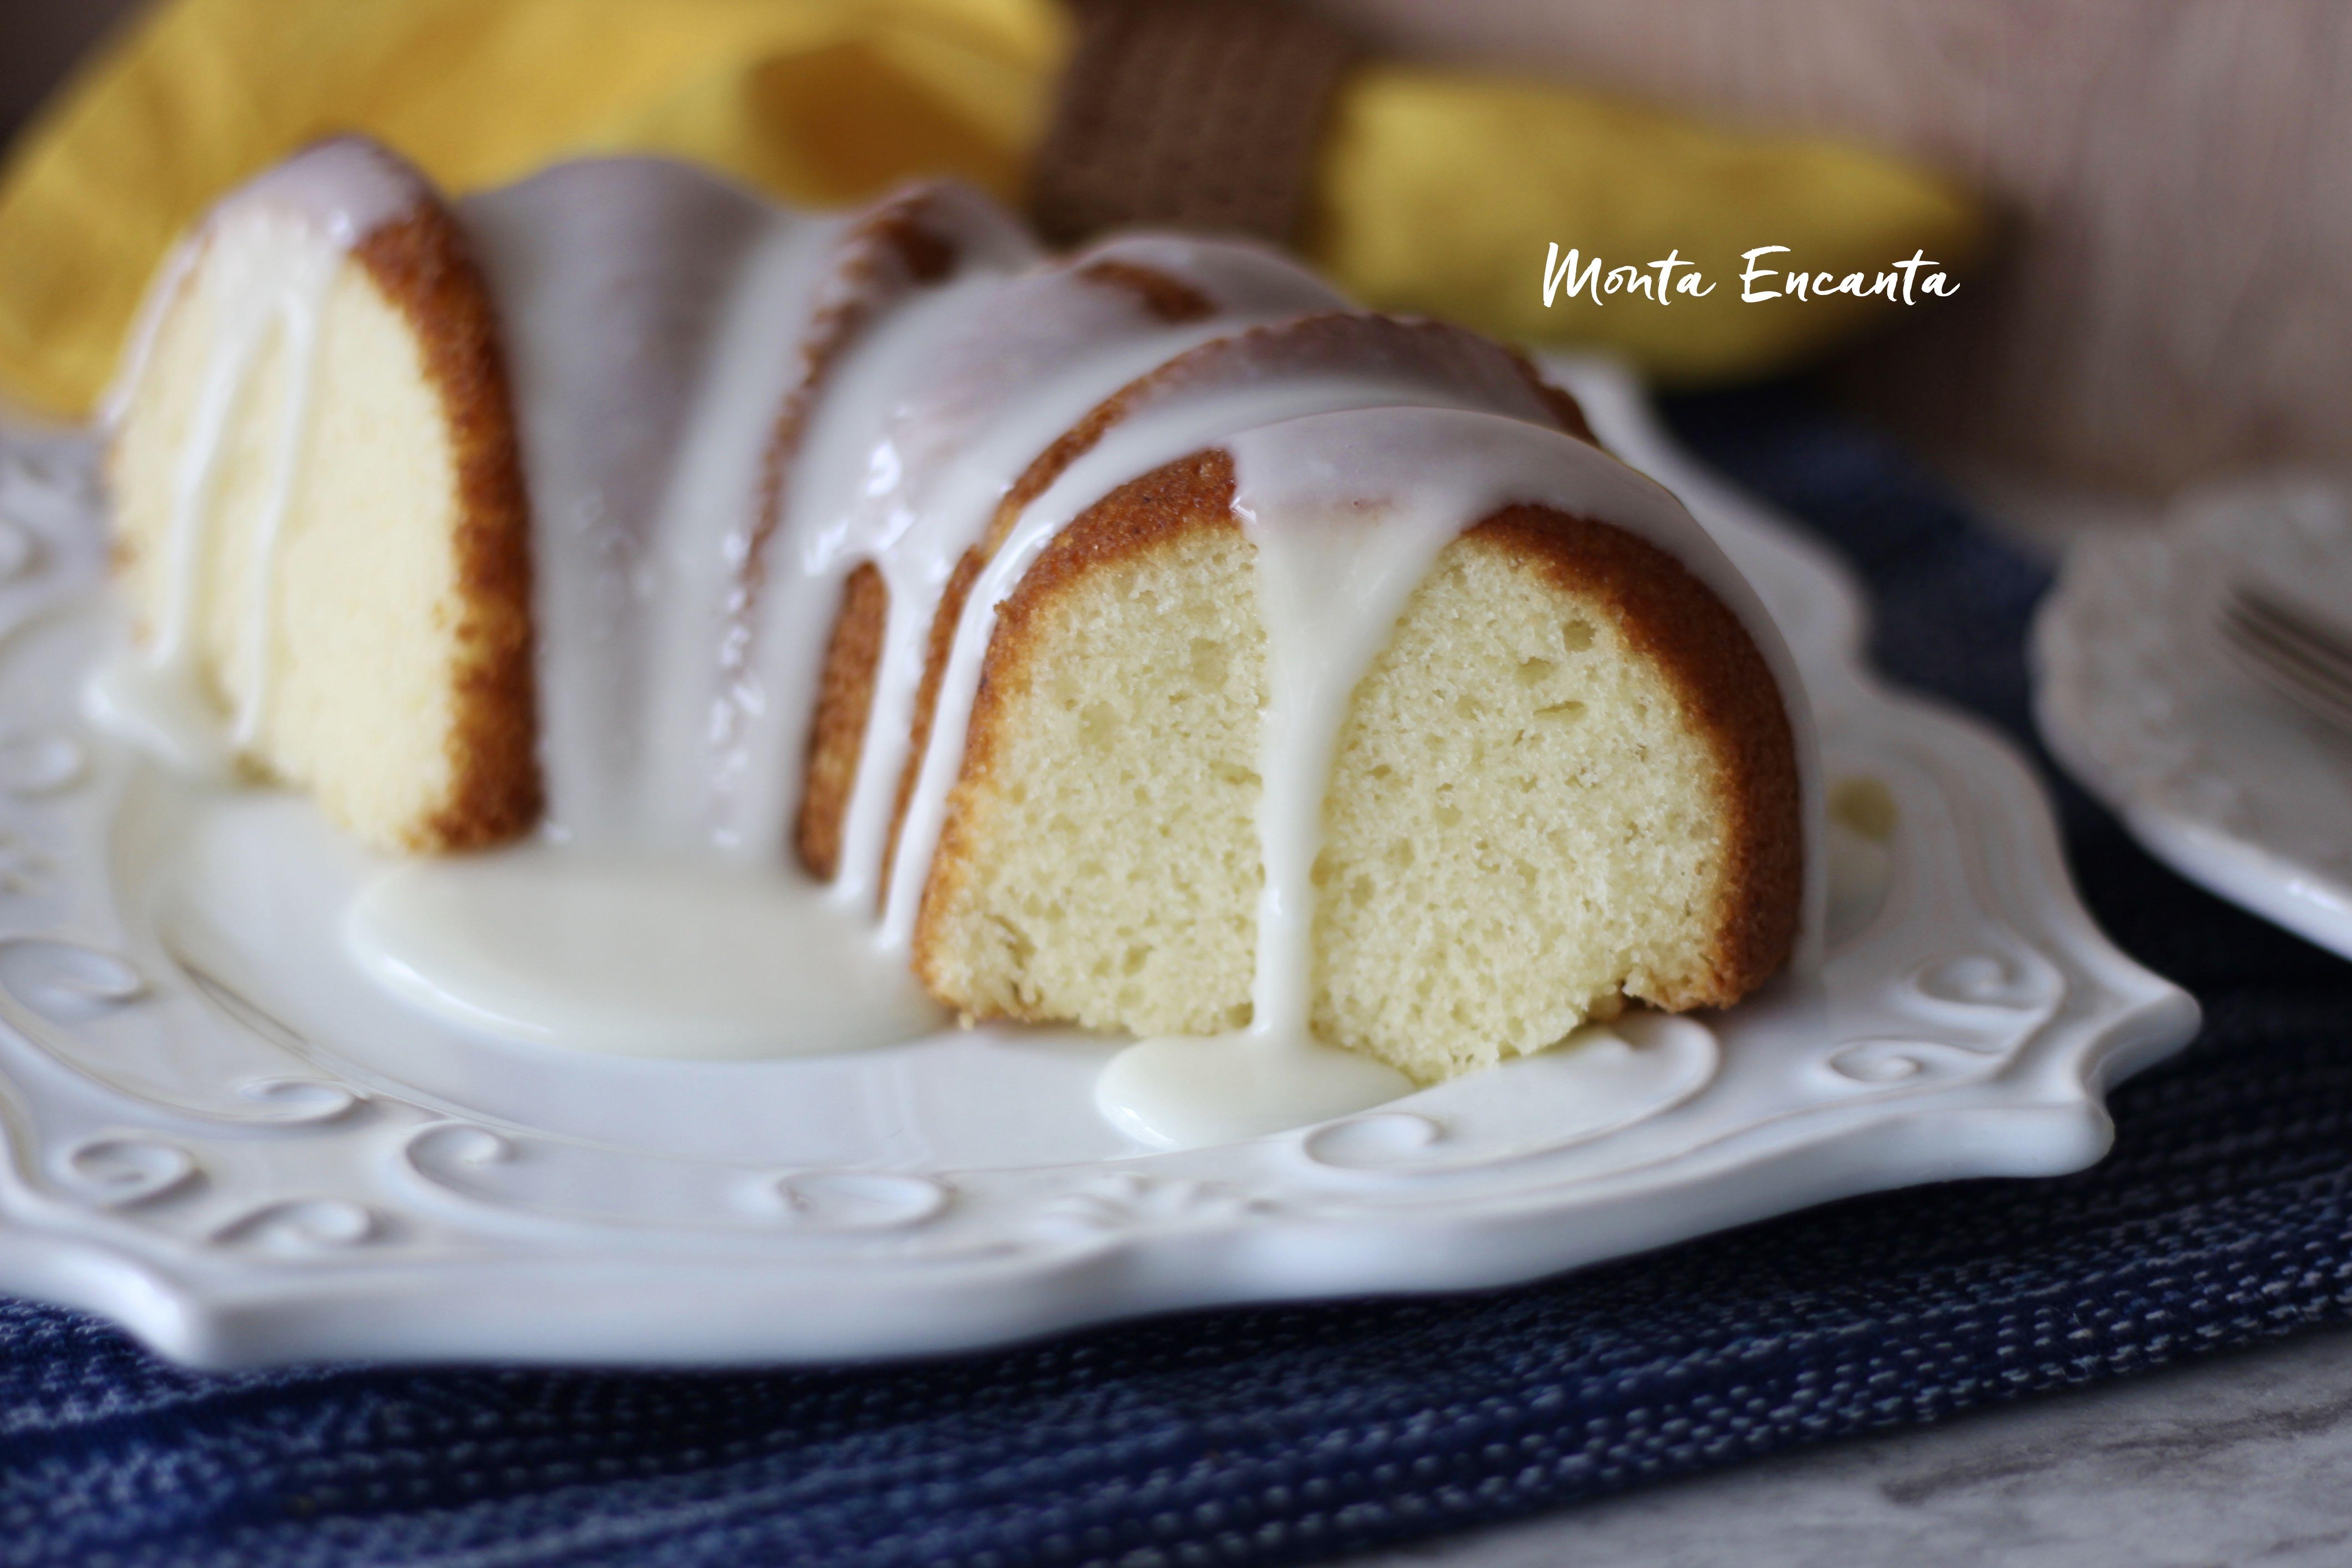 bolo de iogurte com calda de baunilha